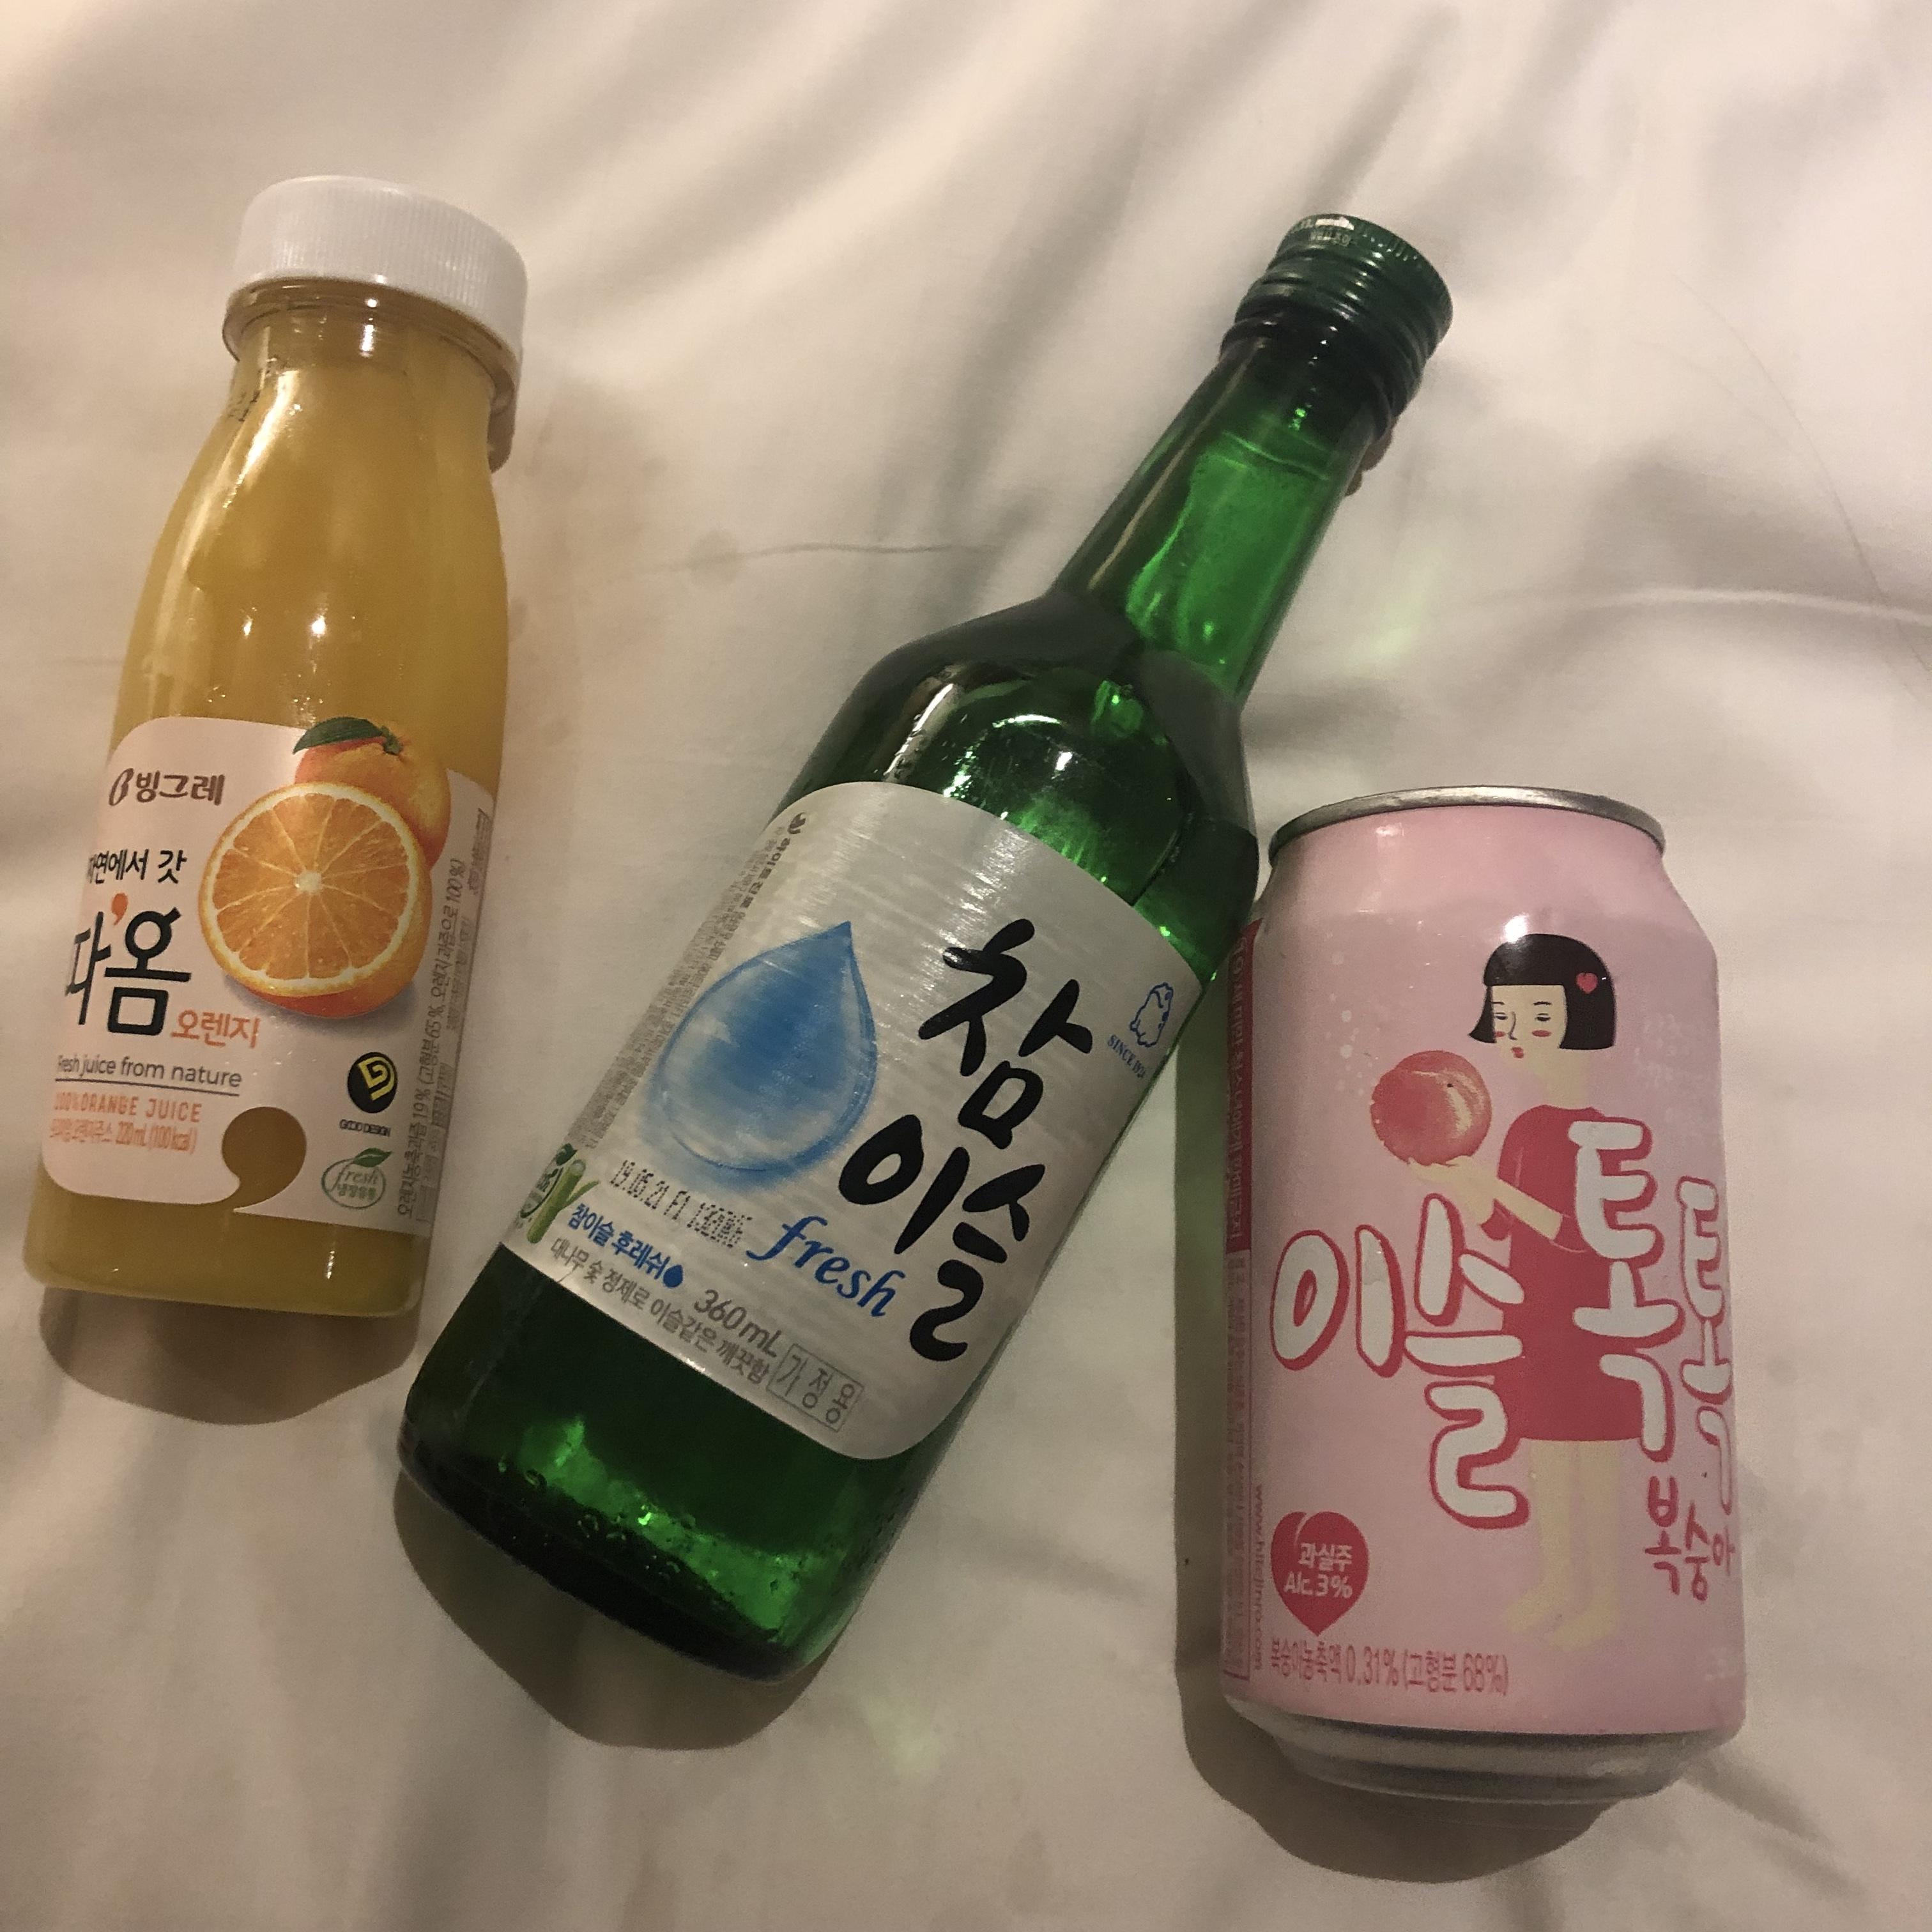 【韓国】購入品③スーパー・コンビニ編_1_1